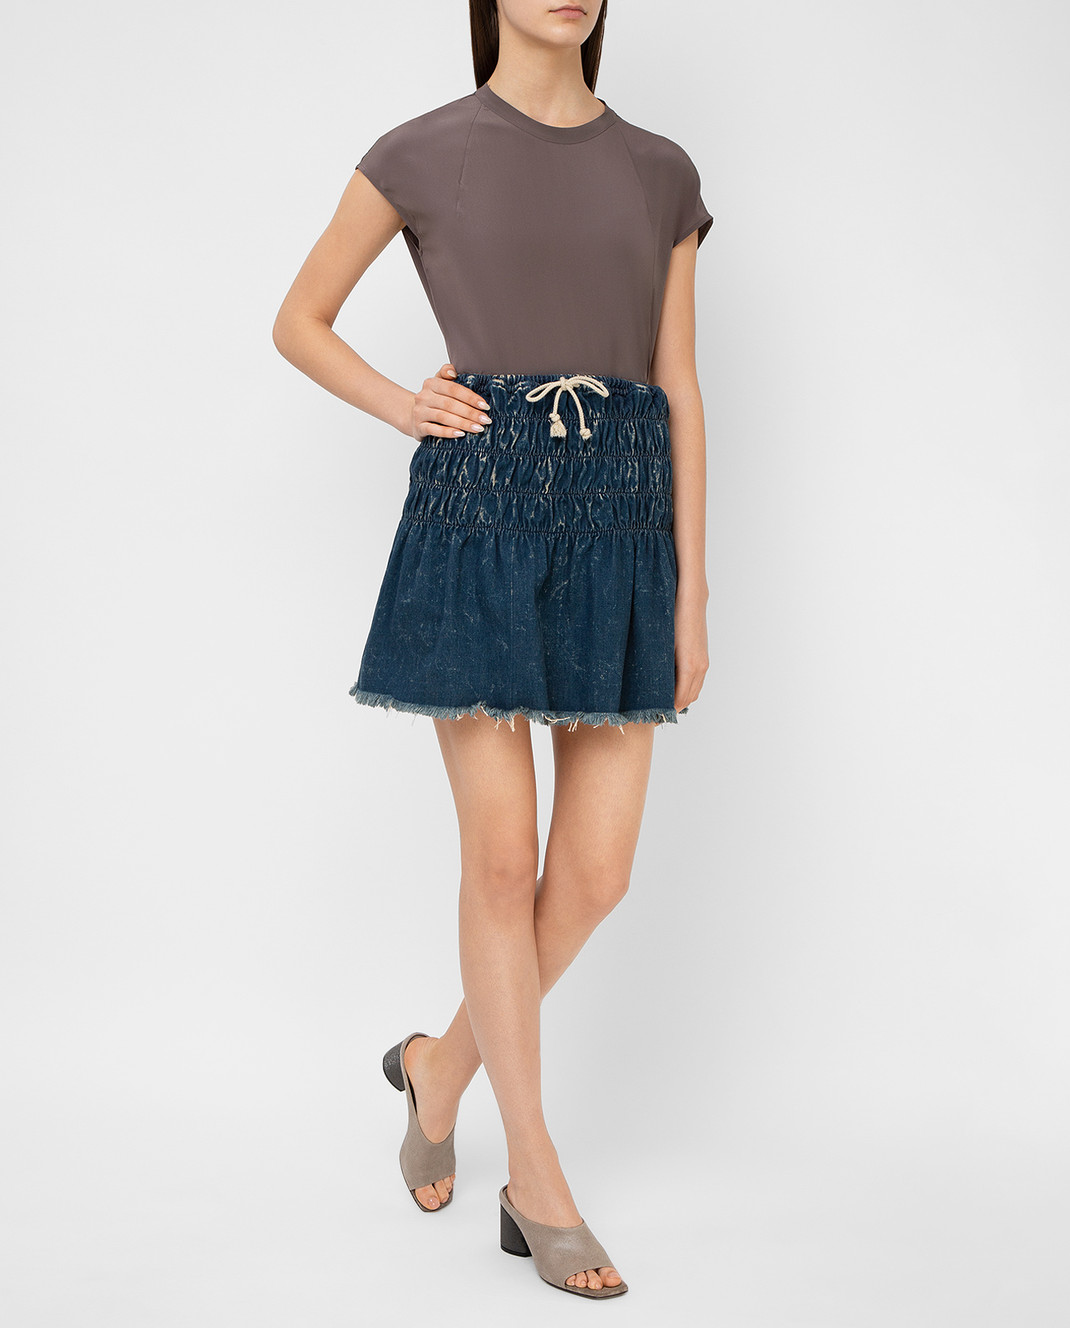 Chloe Темно-синяя джинсовая юбка 16EDJ02 изображение 2